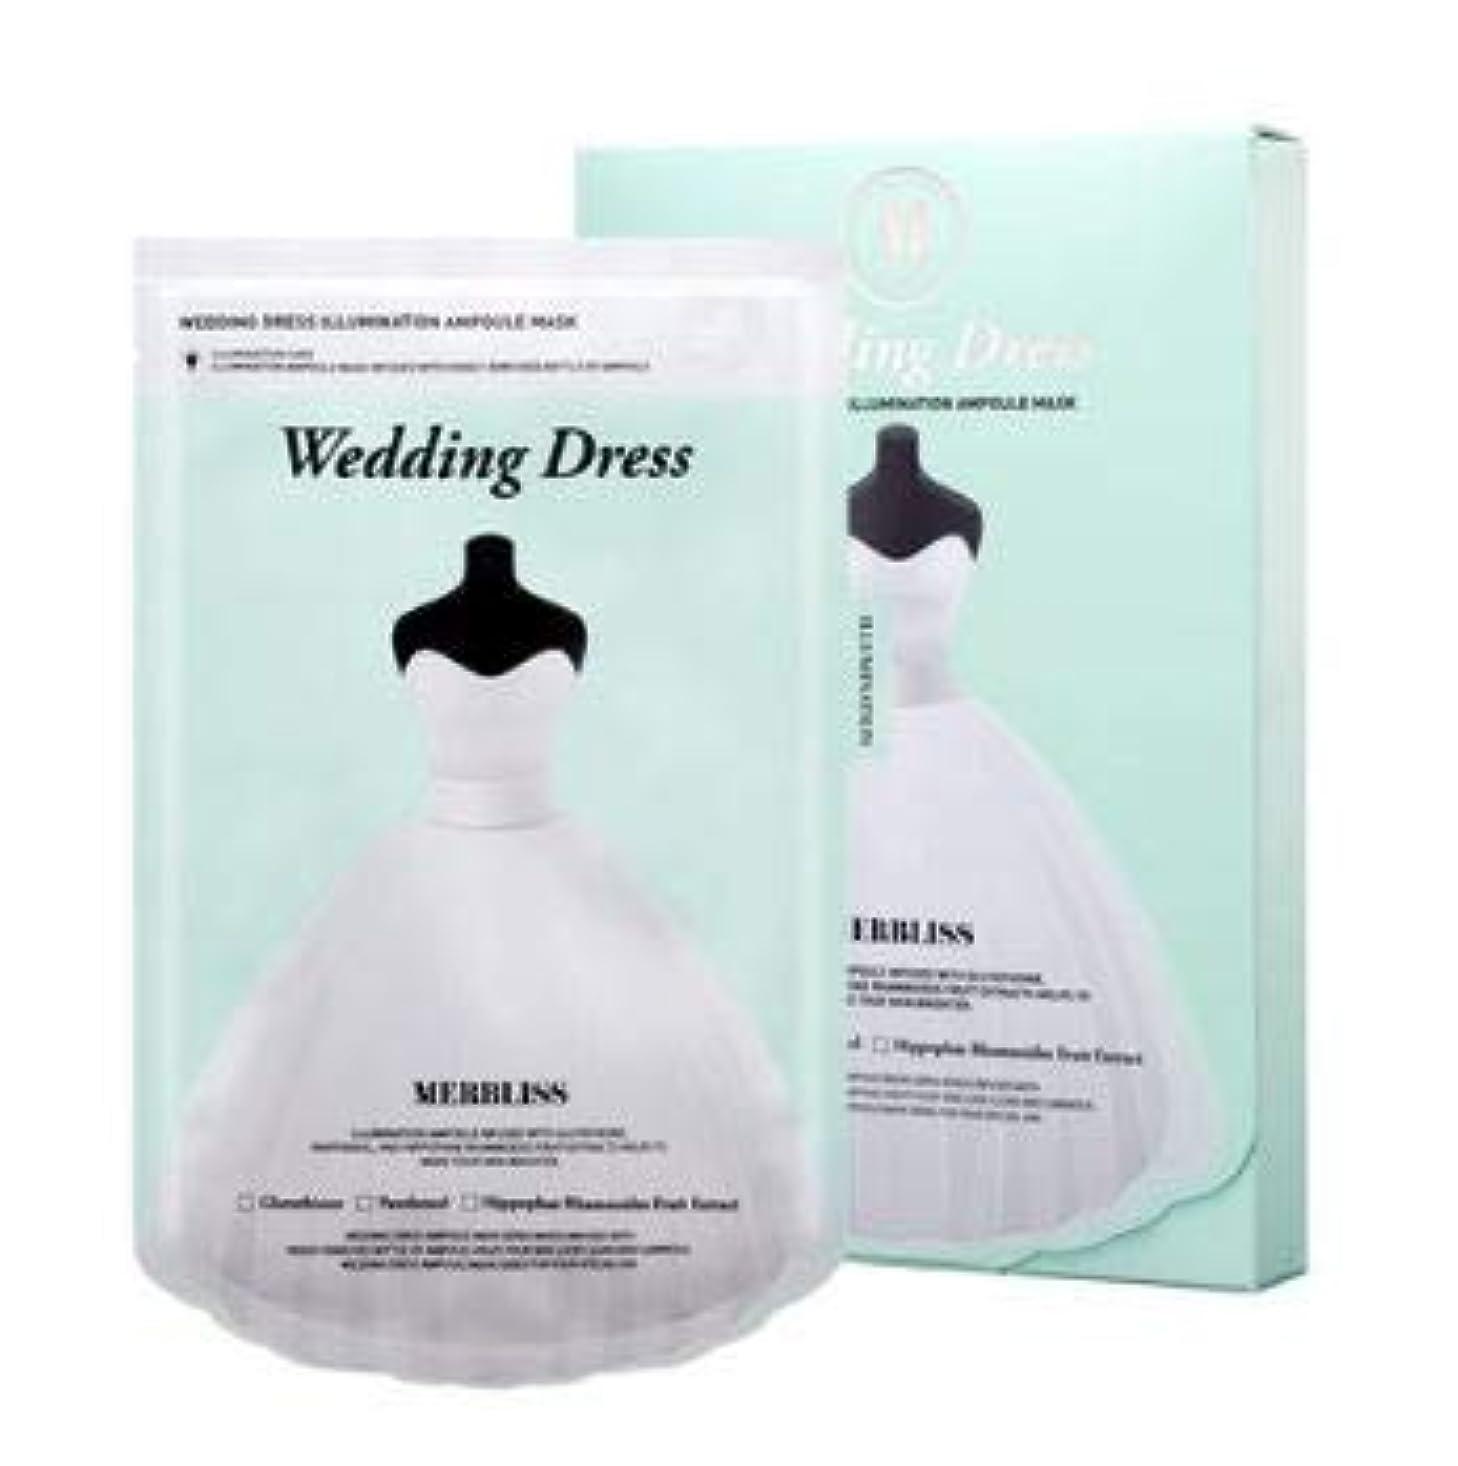 マインド植物学者踊り子[Merbliss] Wedding Dress Illumination Ampoule Mask 25gx5ea /ウェディングドレスイルミネーションアンプルマスク25gx5枚 [並行輸入品]